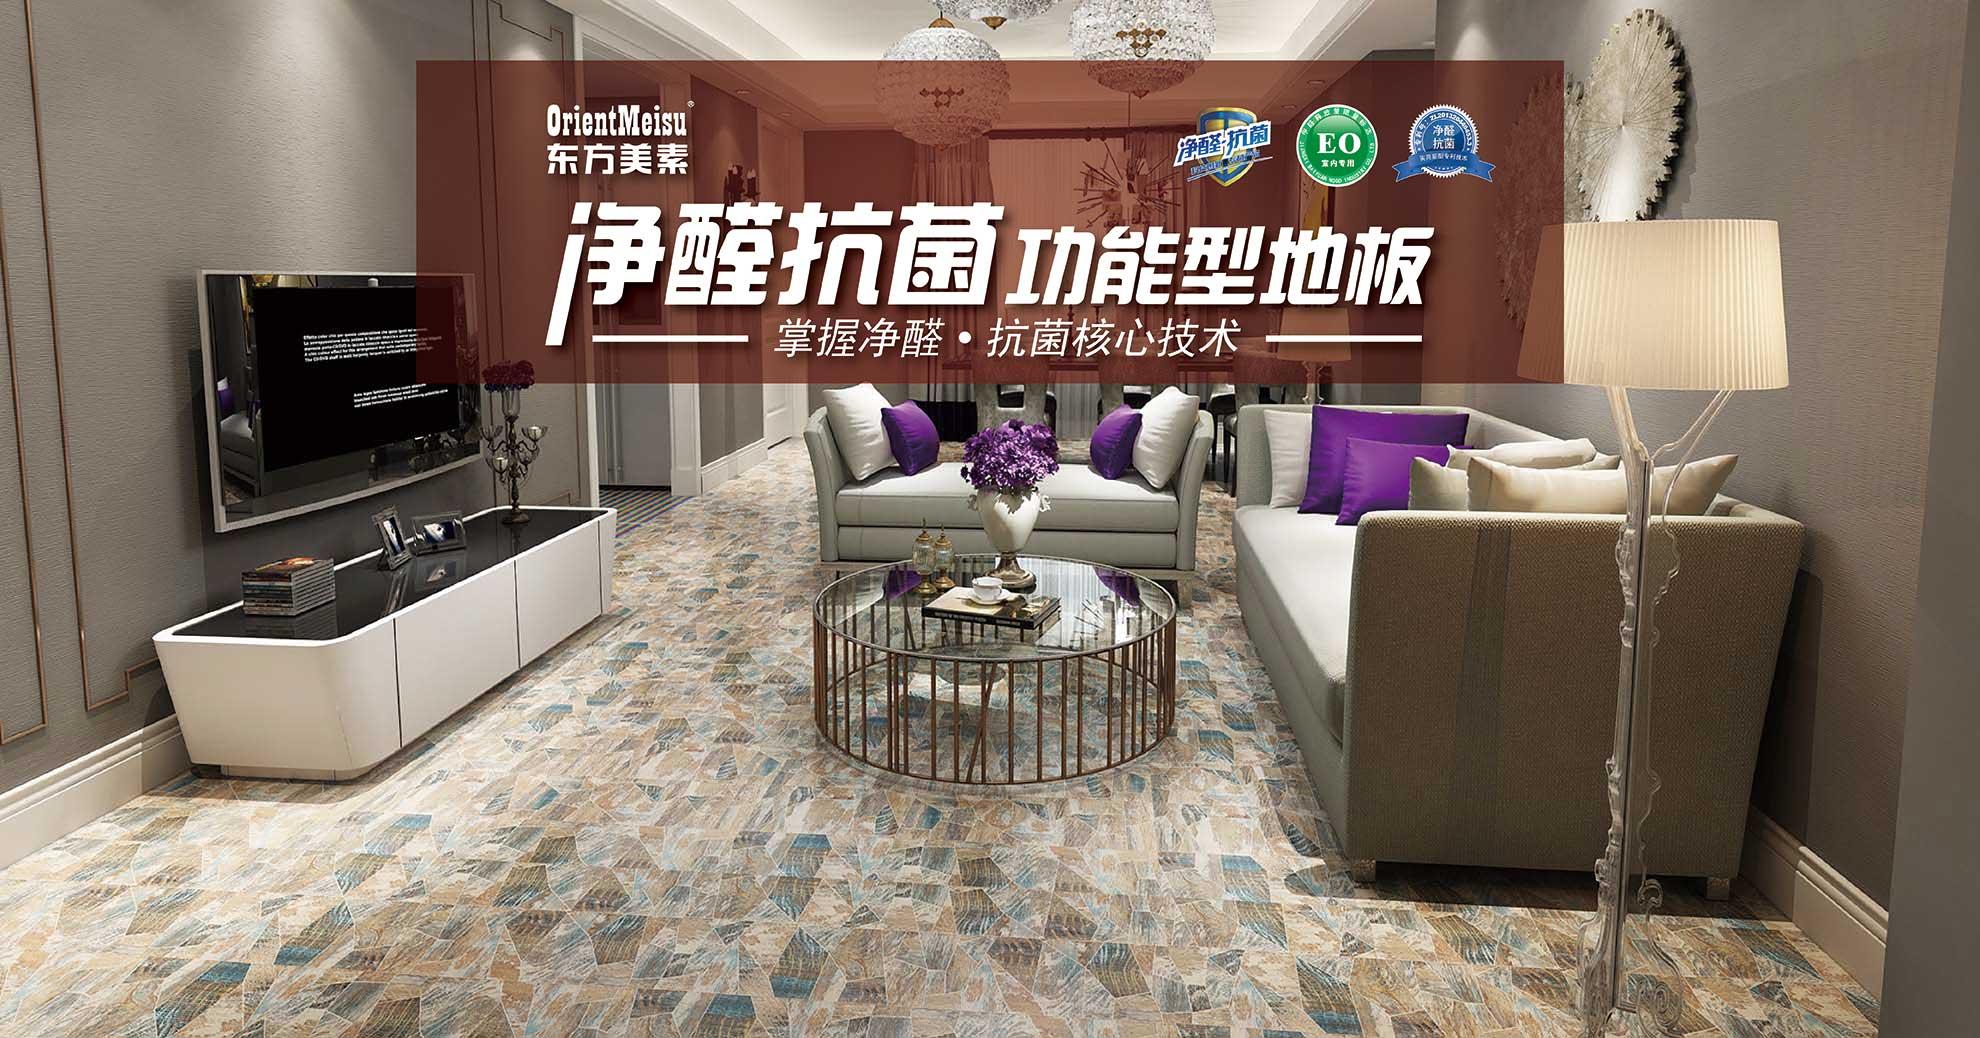 东方美素净醛抗菌功能型地板